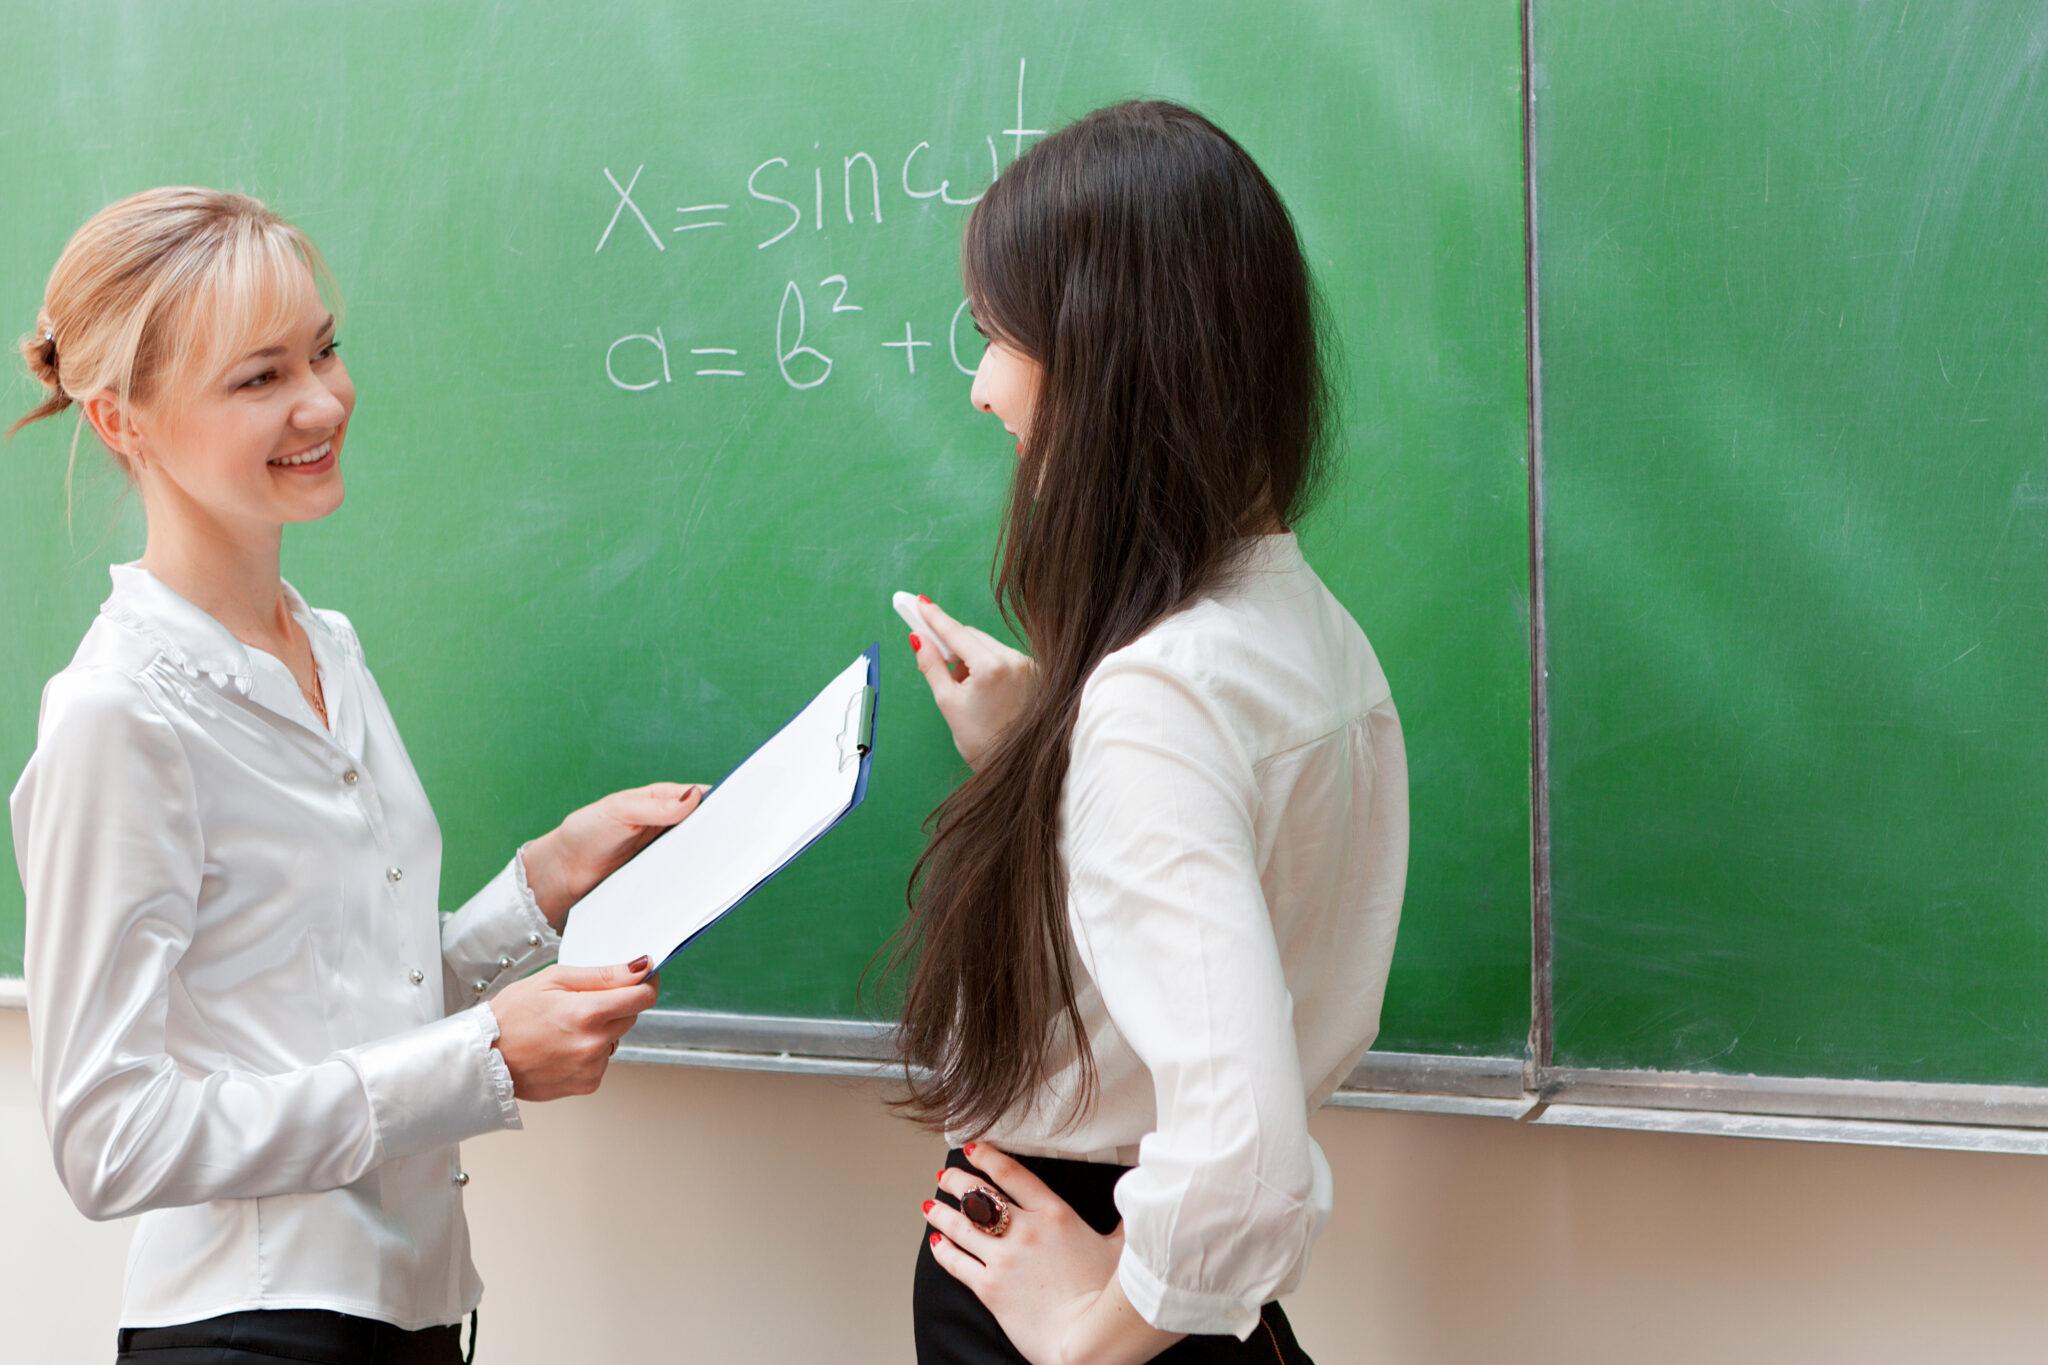 bolsa profesorado, bolsas docentes, bolsa profesores, bolsas profesores de secundaria, trabajo de profesor